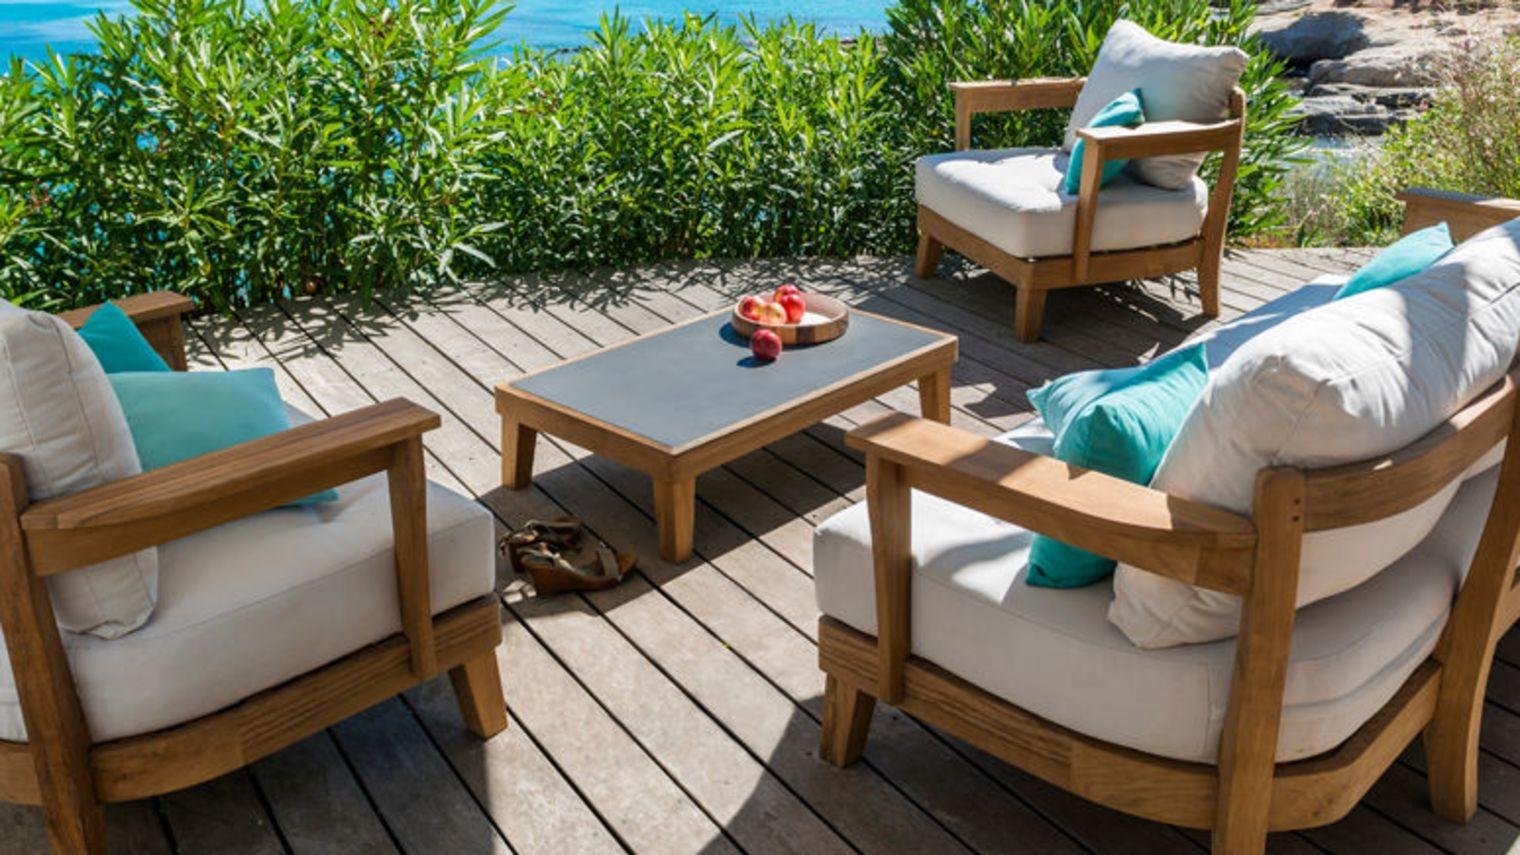 Salon de jardin balcon castorama - Mailleraye.fr jardin